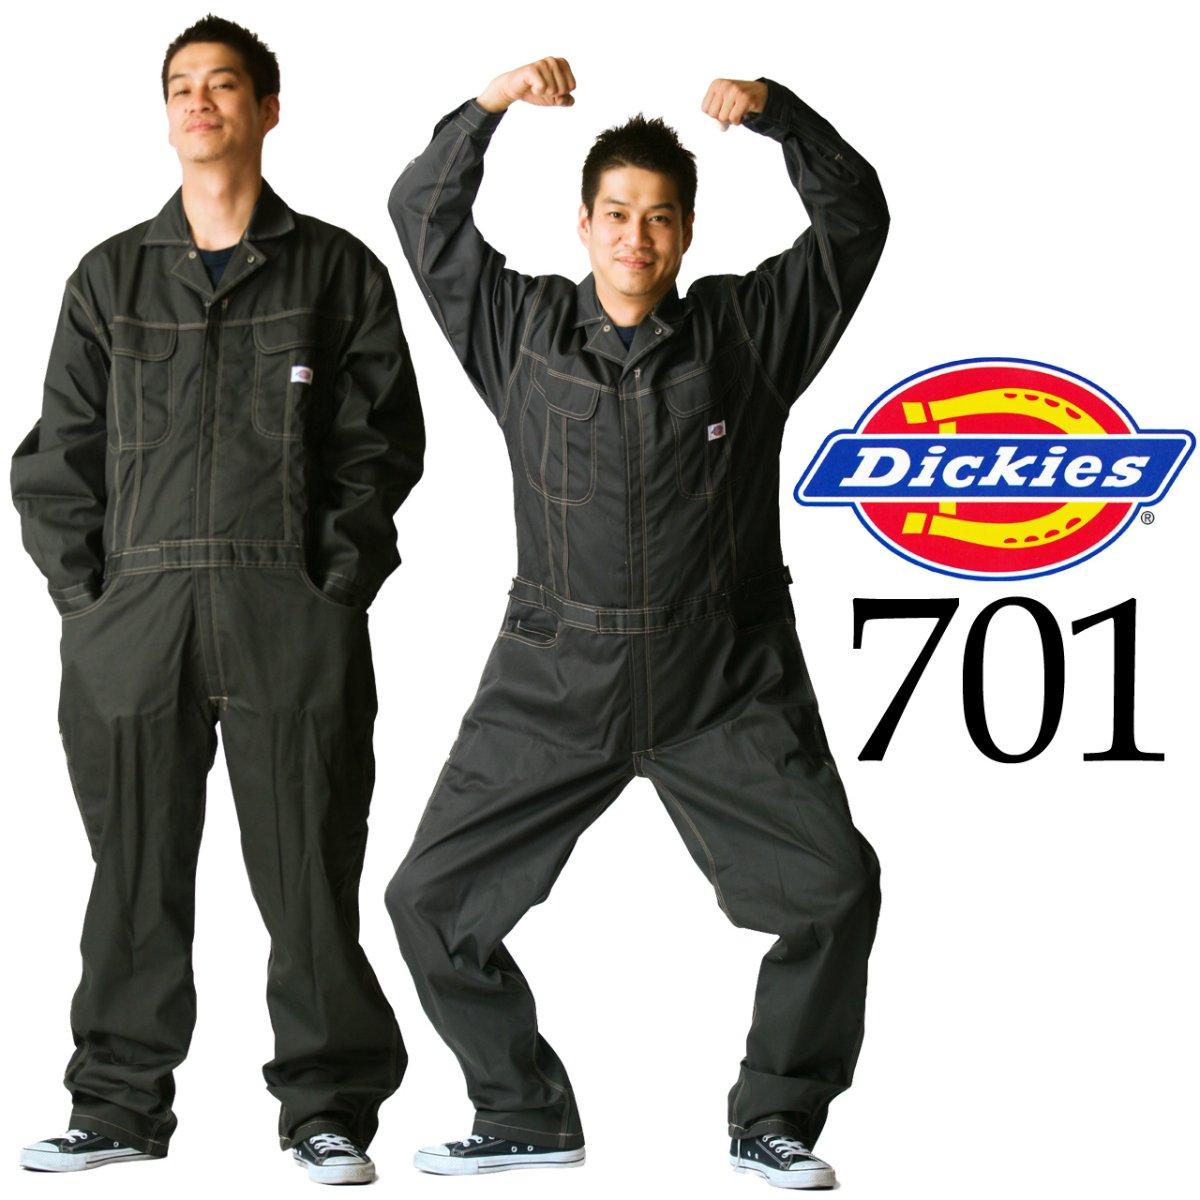 ディッキーズ Dickies (山田辰)オールシーズン用 ツヅキ服 701 オーディ 5Lサイズ B008H1SUPQ 5L|オーディ オーディ 5L